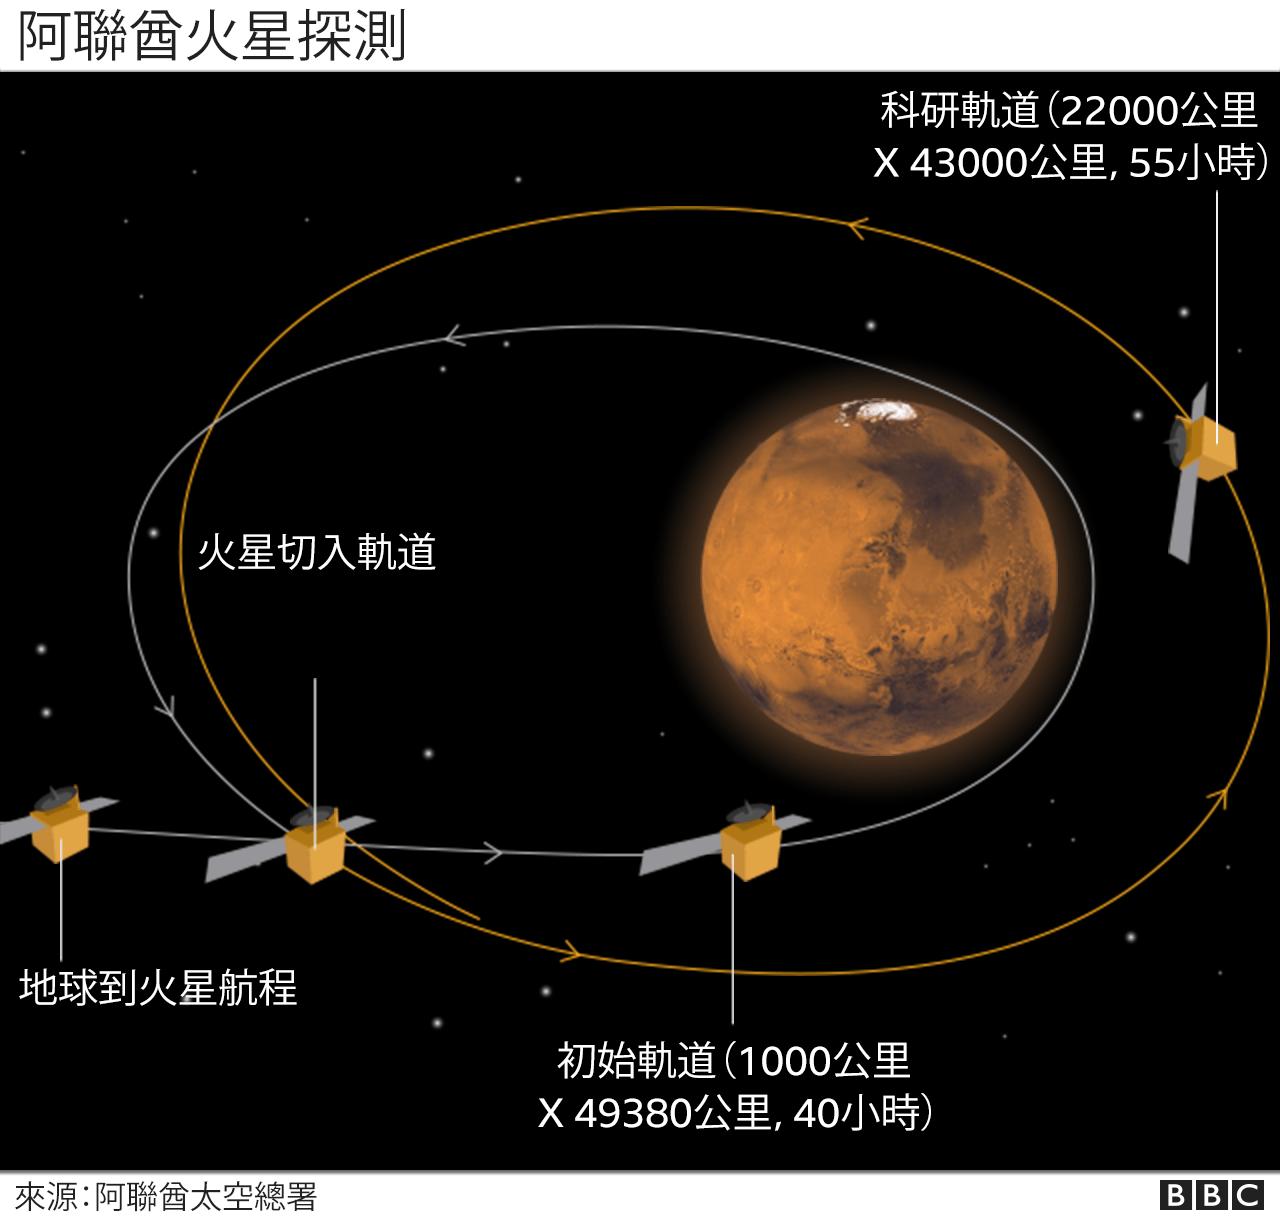 阿聯酋火星探測圖示